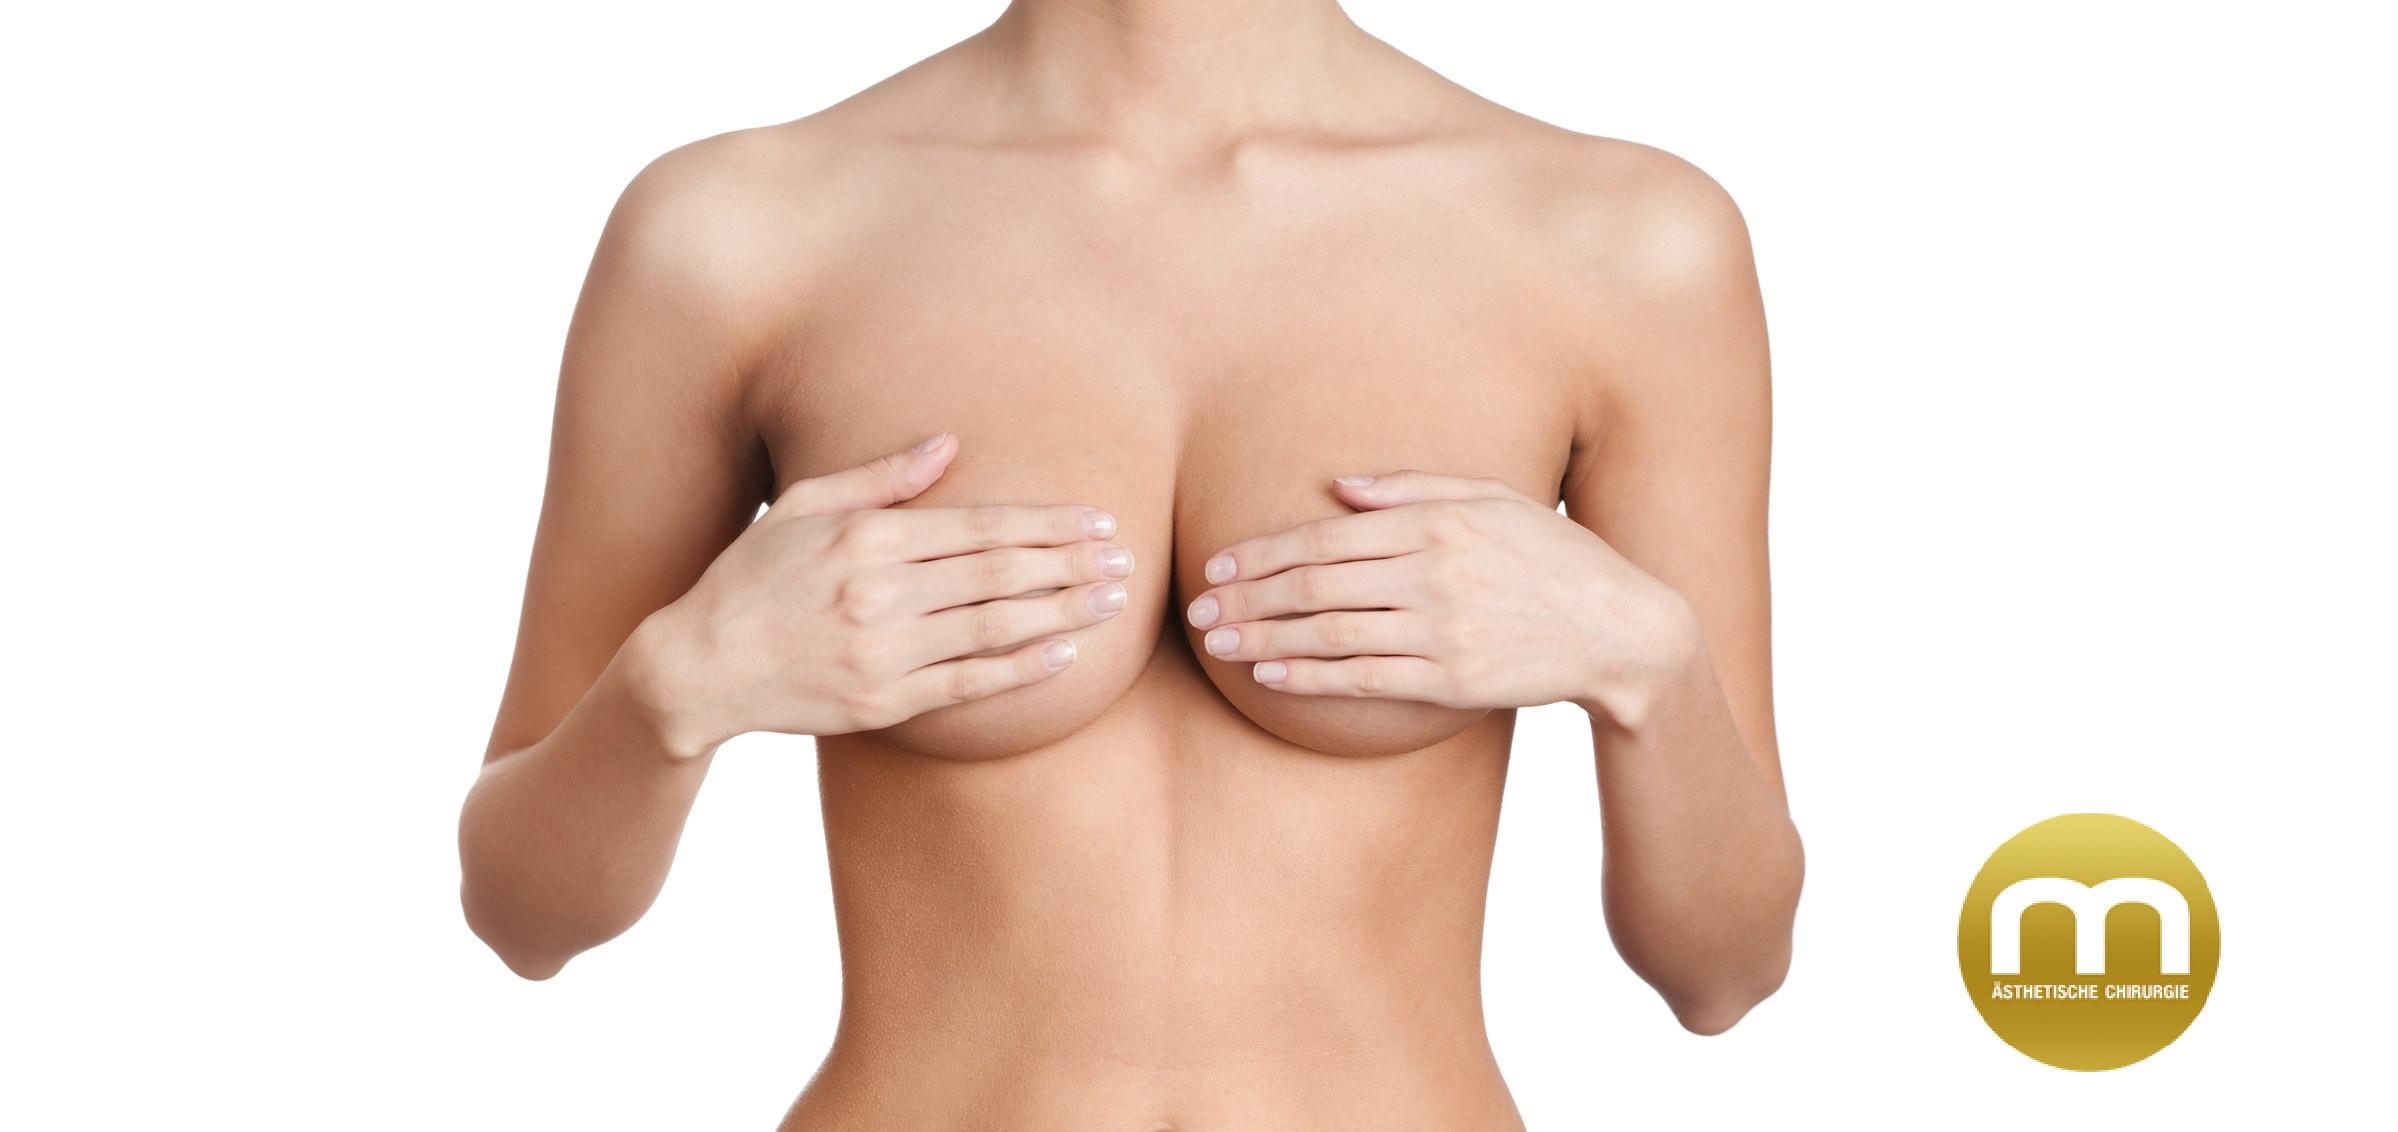 Brustvergrößerung-Preise-Kosten-Brust-ohne-OP-Erfahrungen-Brustimplantate-Köln